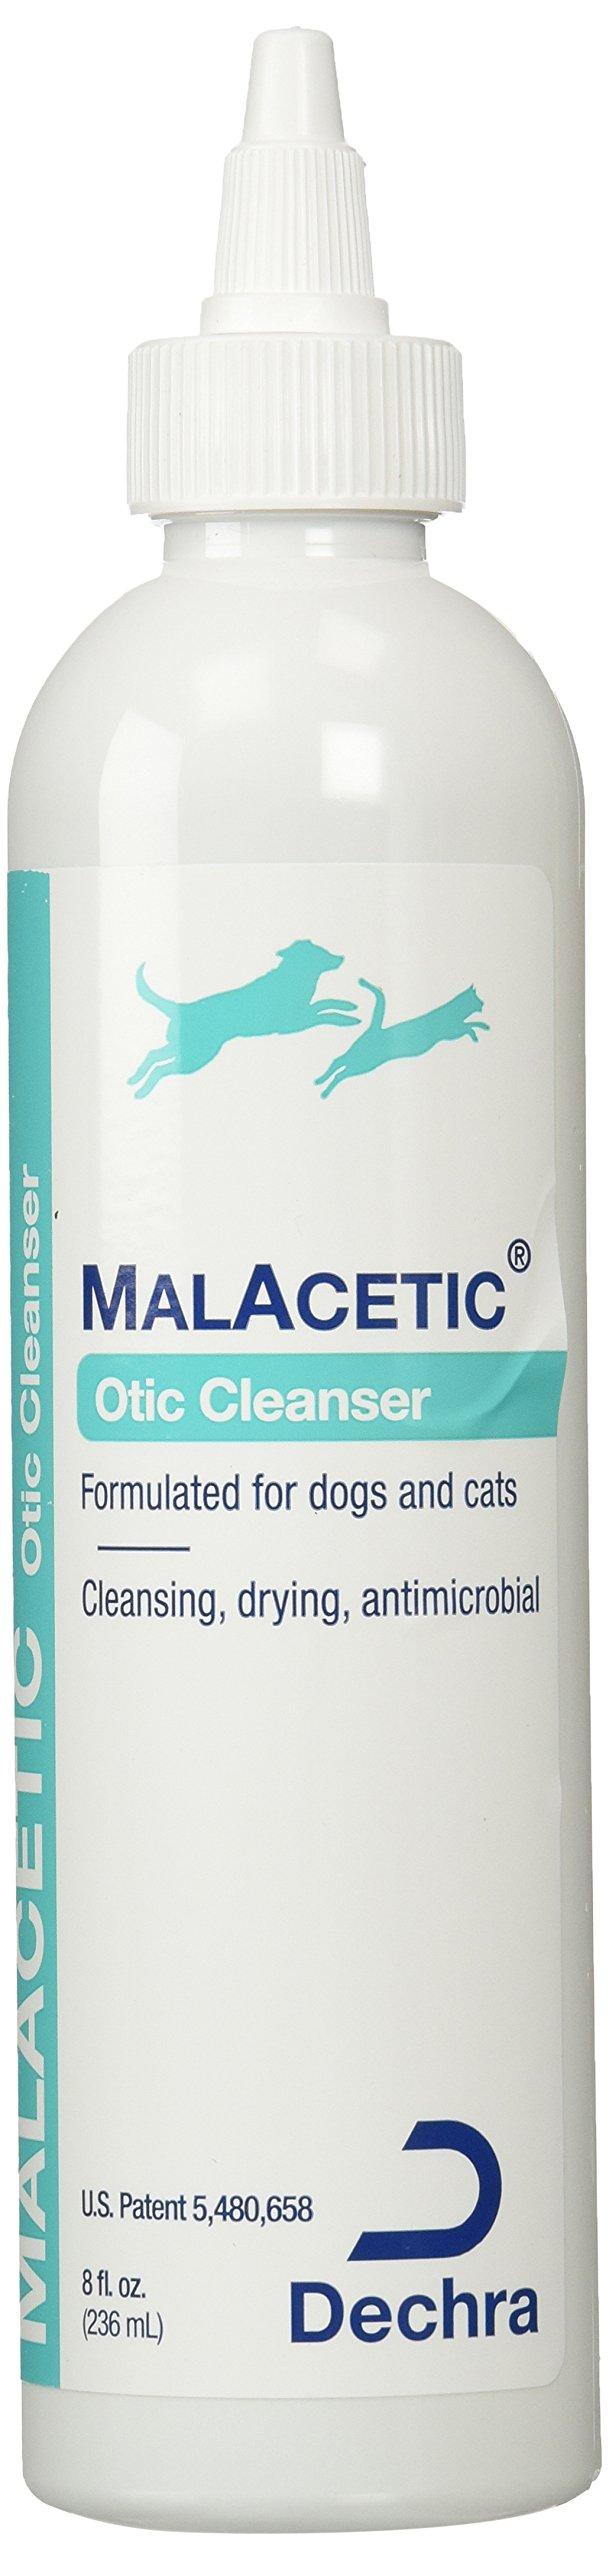 Dechra MalAcetic Otic Cleanser, 8 oz.